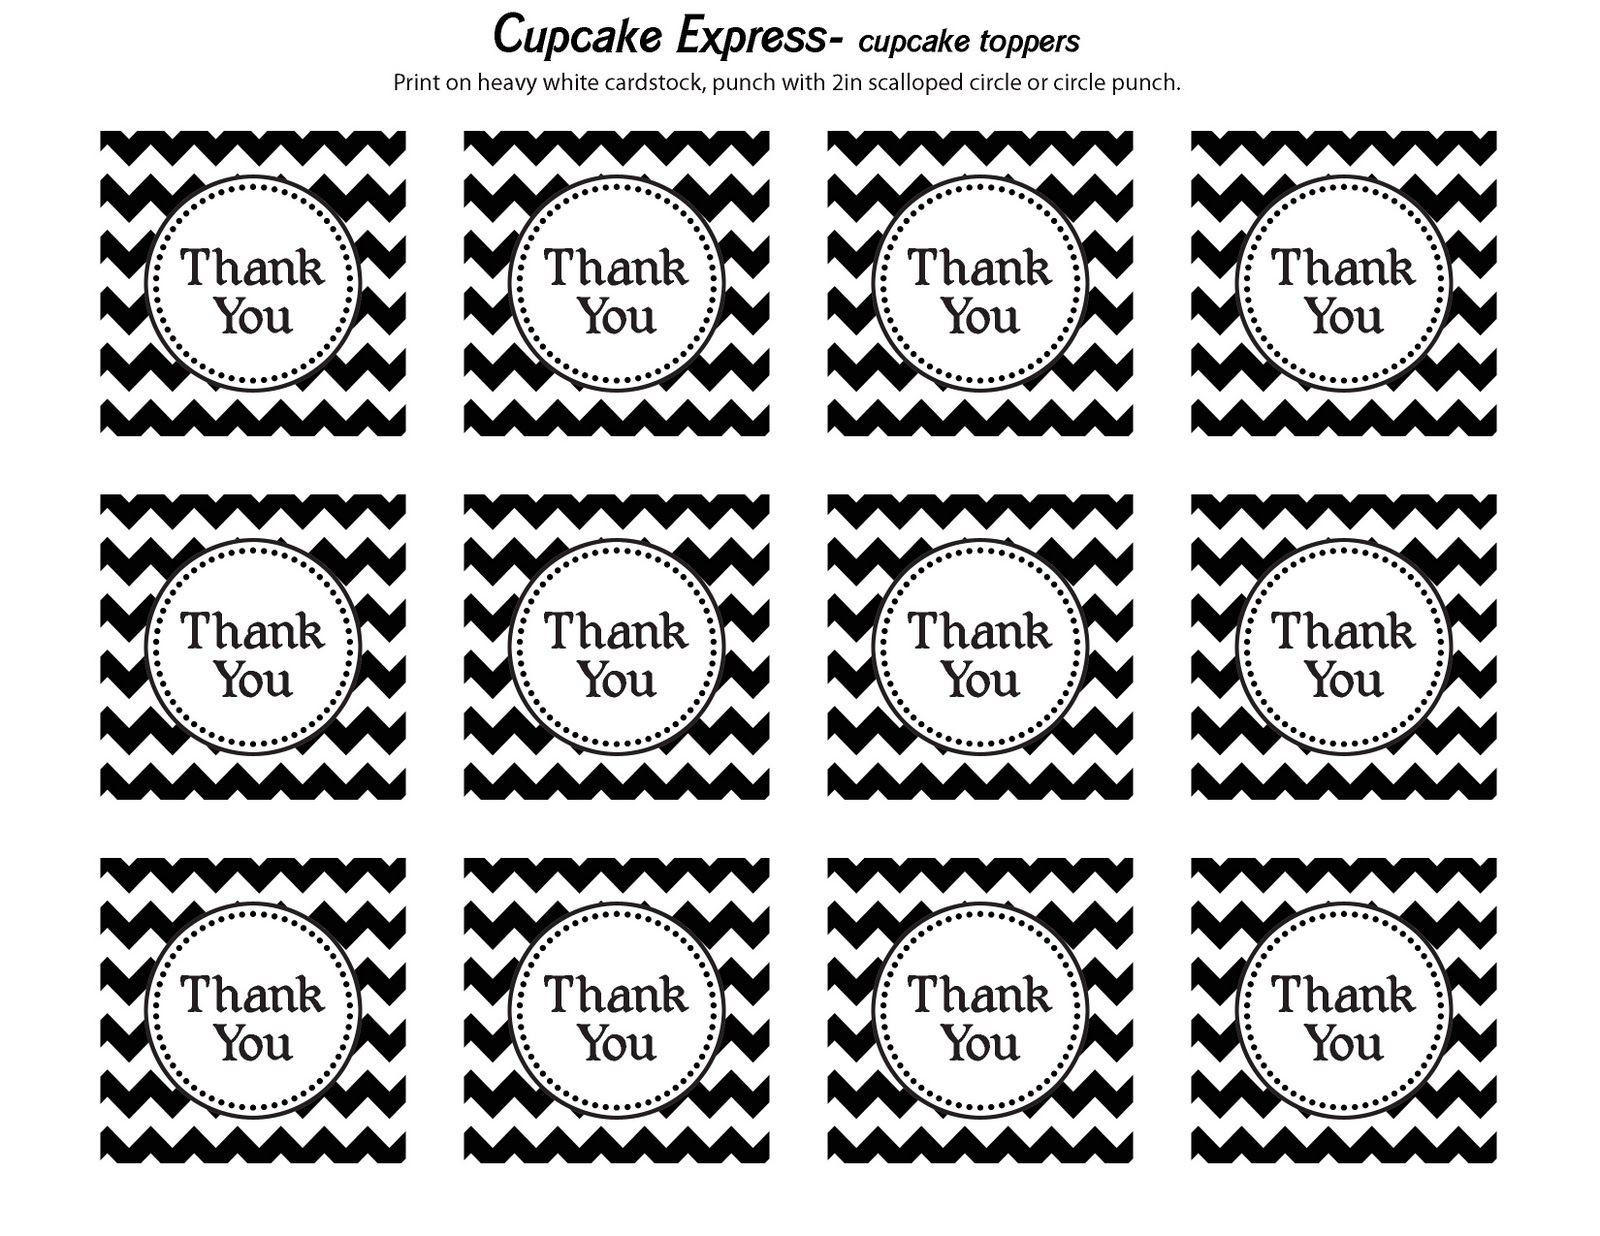 Via Cupcake Express Free Thank You Printable Tags Printable Thank You Cards Thank You Printable Gift Tags Printable